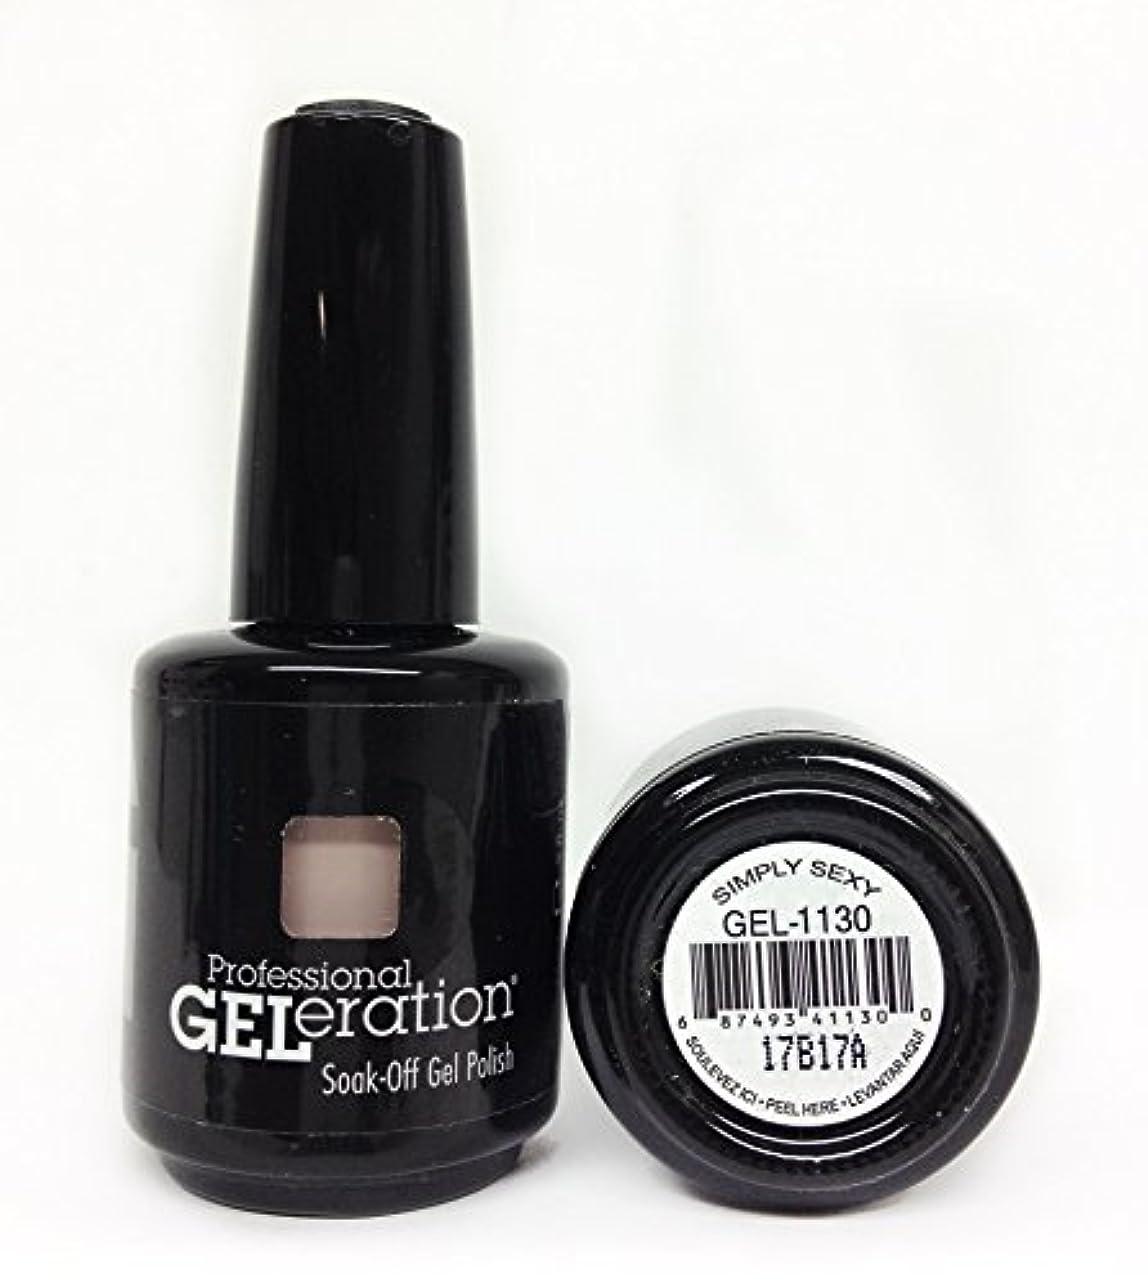 満員邪魔するスロープJessica GELeration Gel Polish - 2017 Silhouette Collection - Simply Sexy - 15ml / 0.5oz